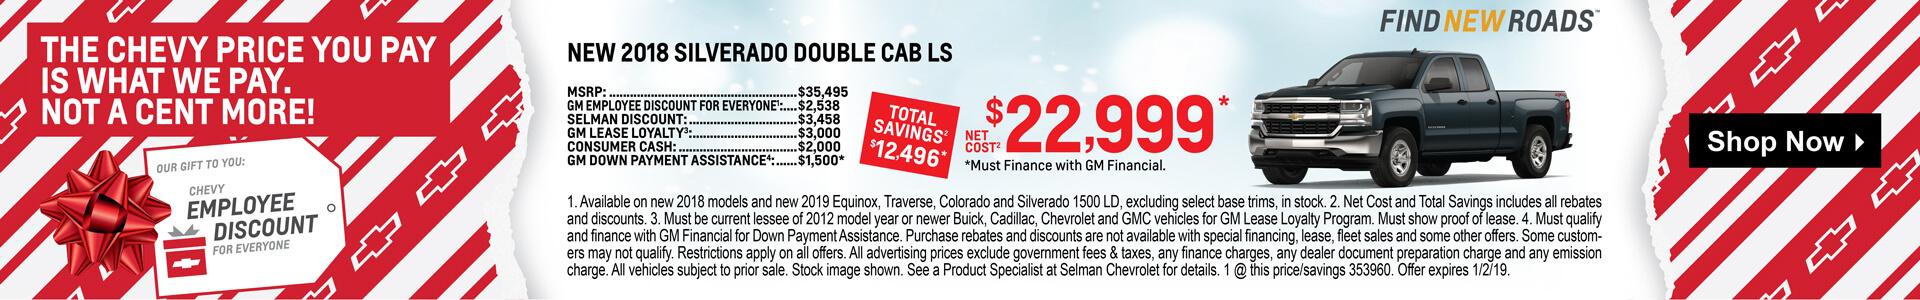 2018 Silverado Double Cab